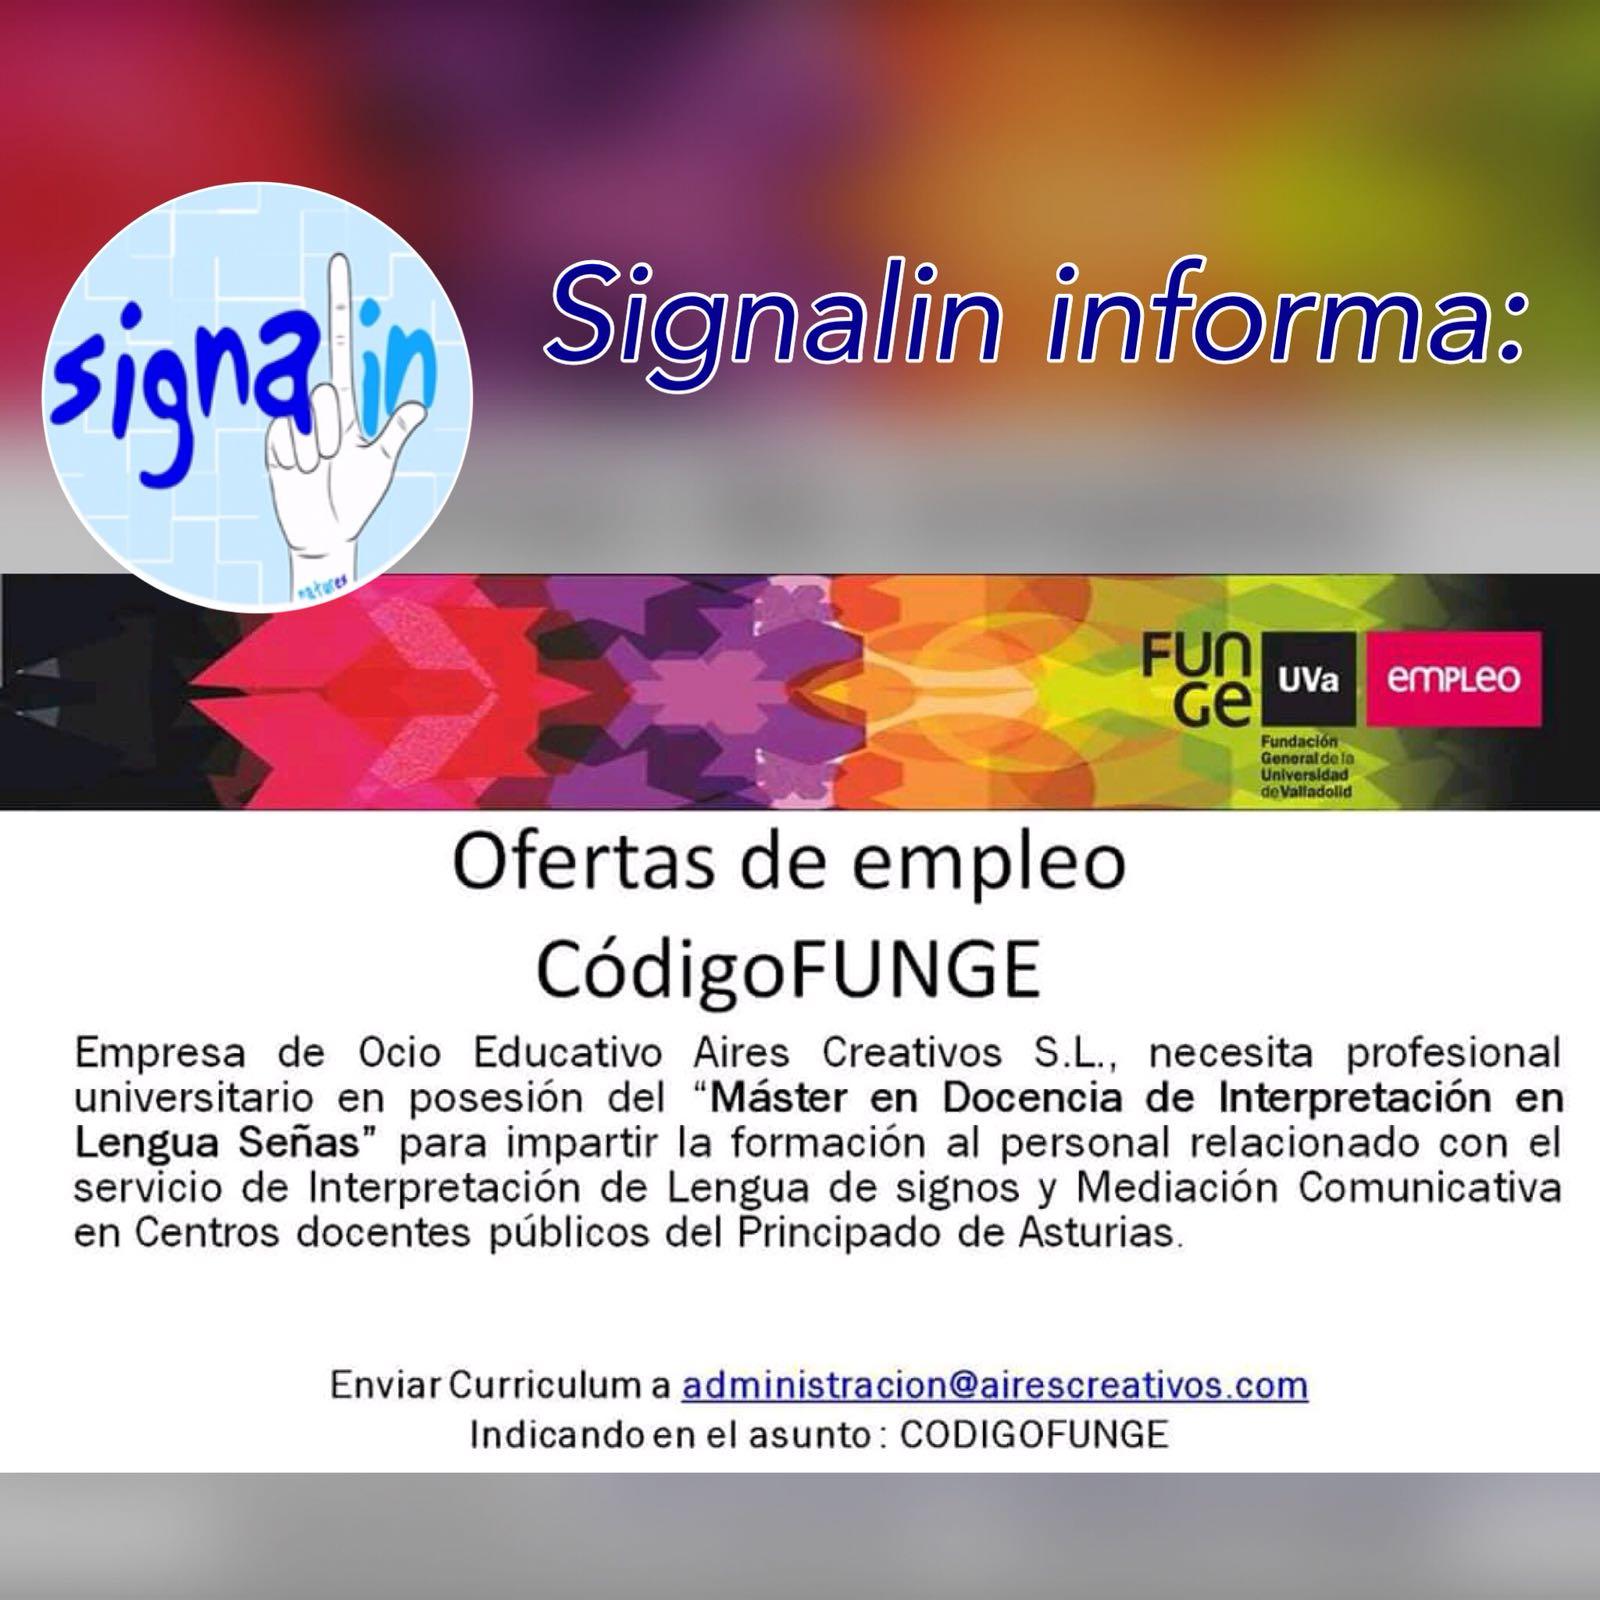 Buscan profesional con Master en Docencia de Interpretación en Lengua de Señas - Asturias DifpbtdXkAA5Xn5